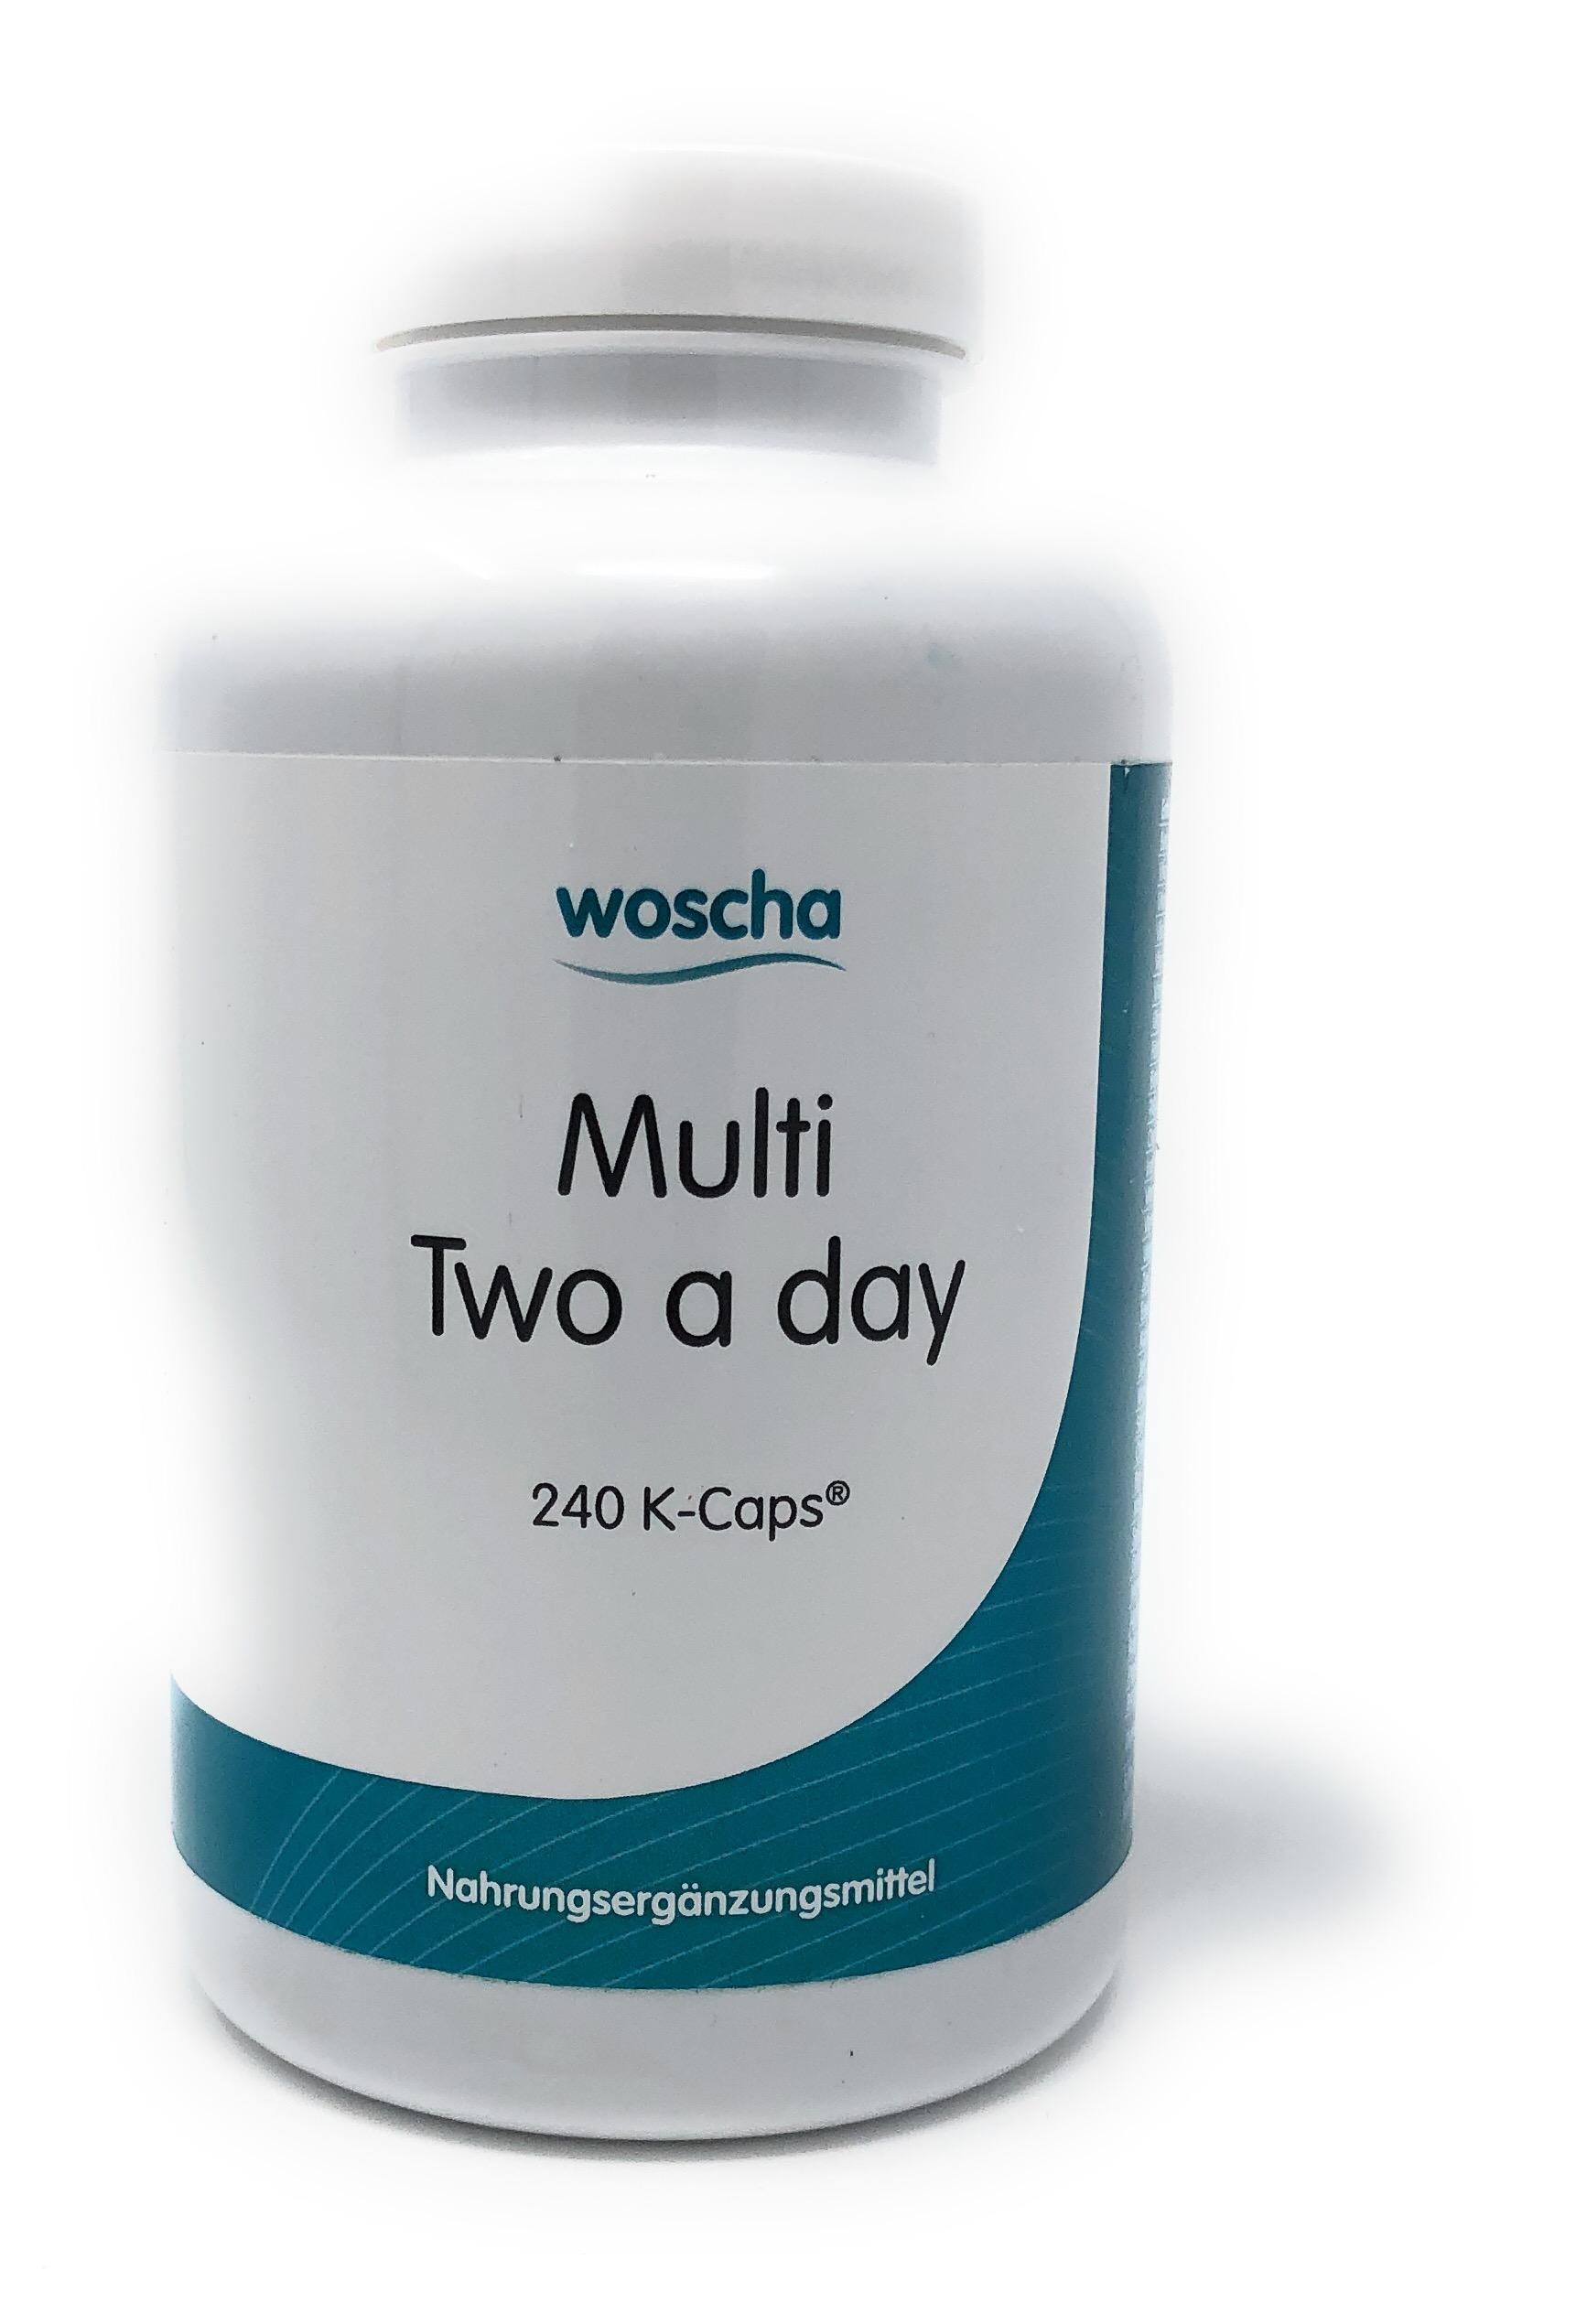 woscha Multi Two a Day 240 K-CAPS® (201g) - neue Zusammensetzung